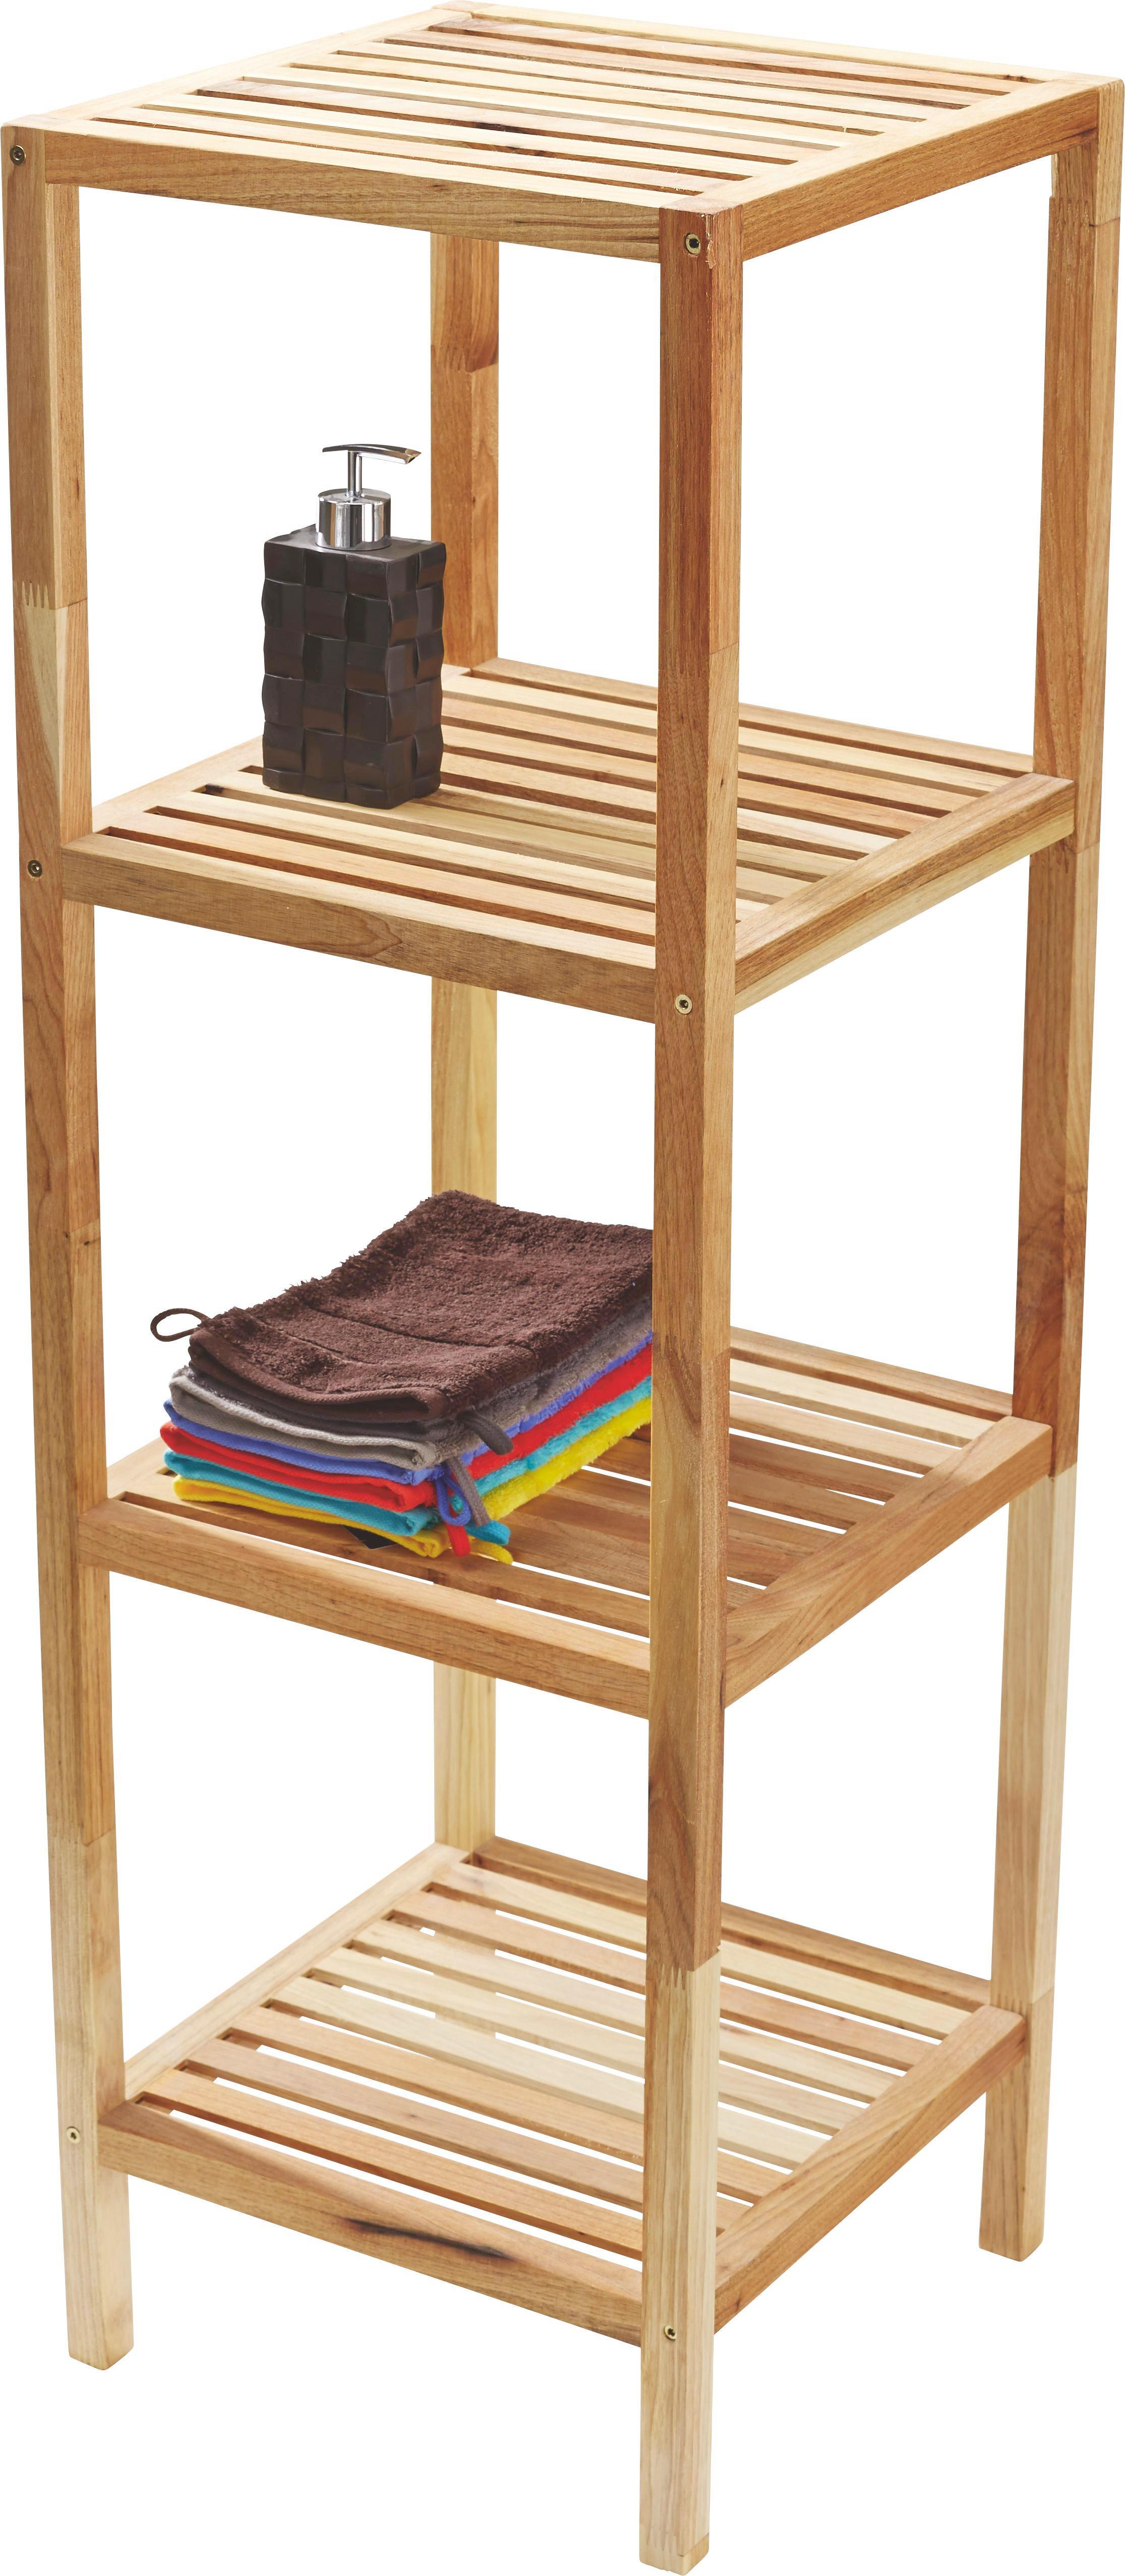 BADEZIMMERREGAL Holz Walnuss Massiv Nussbaumfarben   Nussbaumfarben,  Design, Holz (36/112/